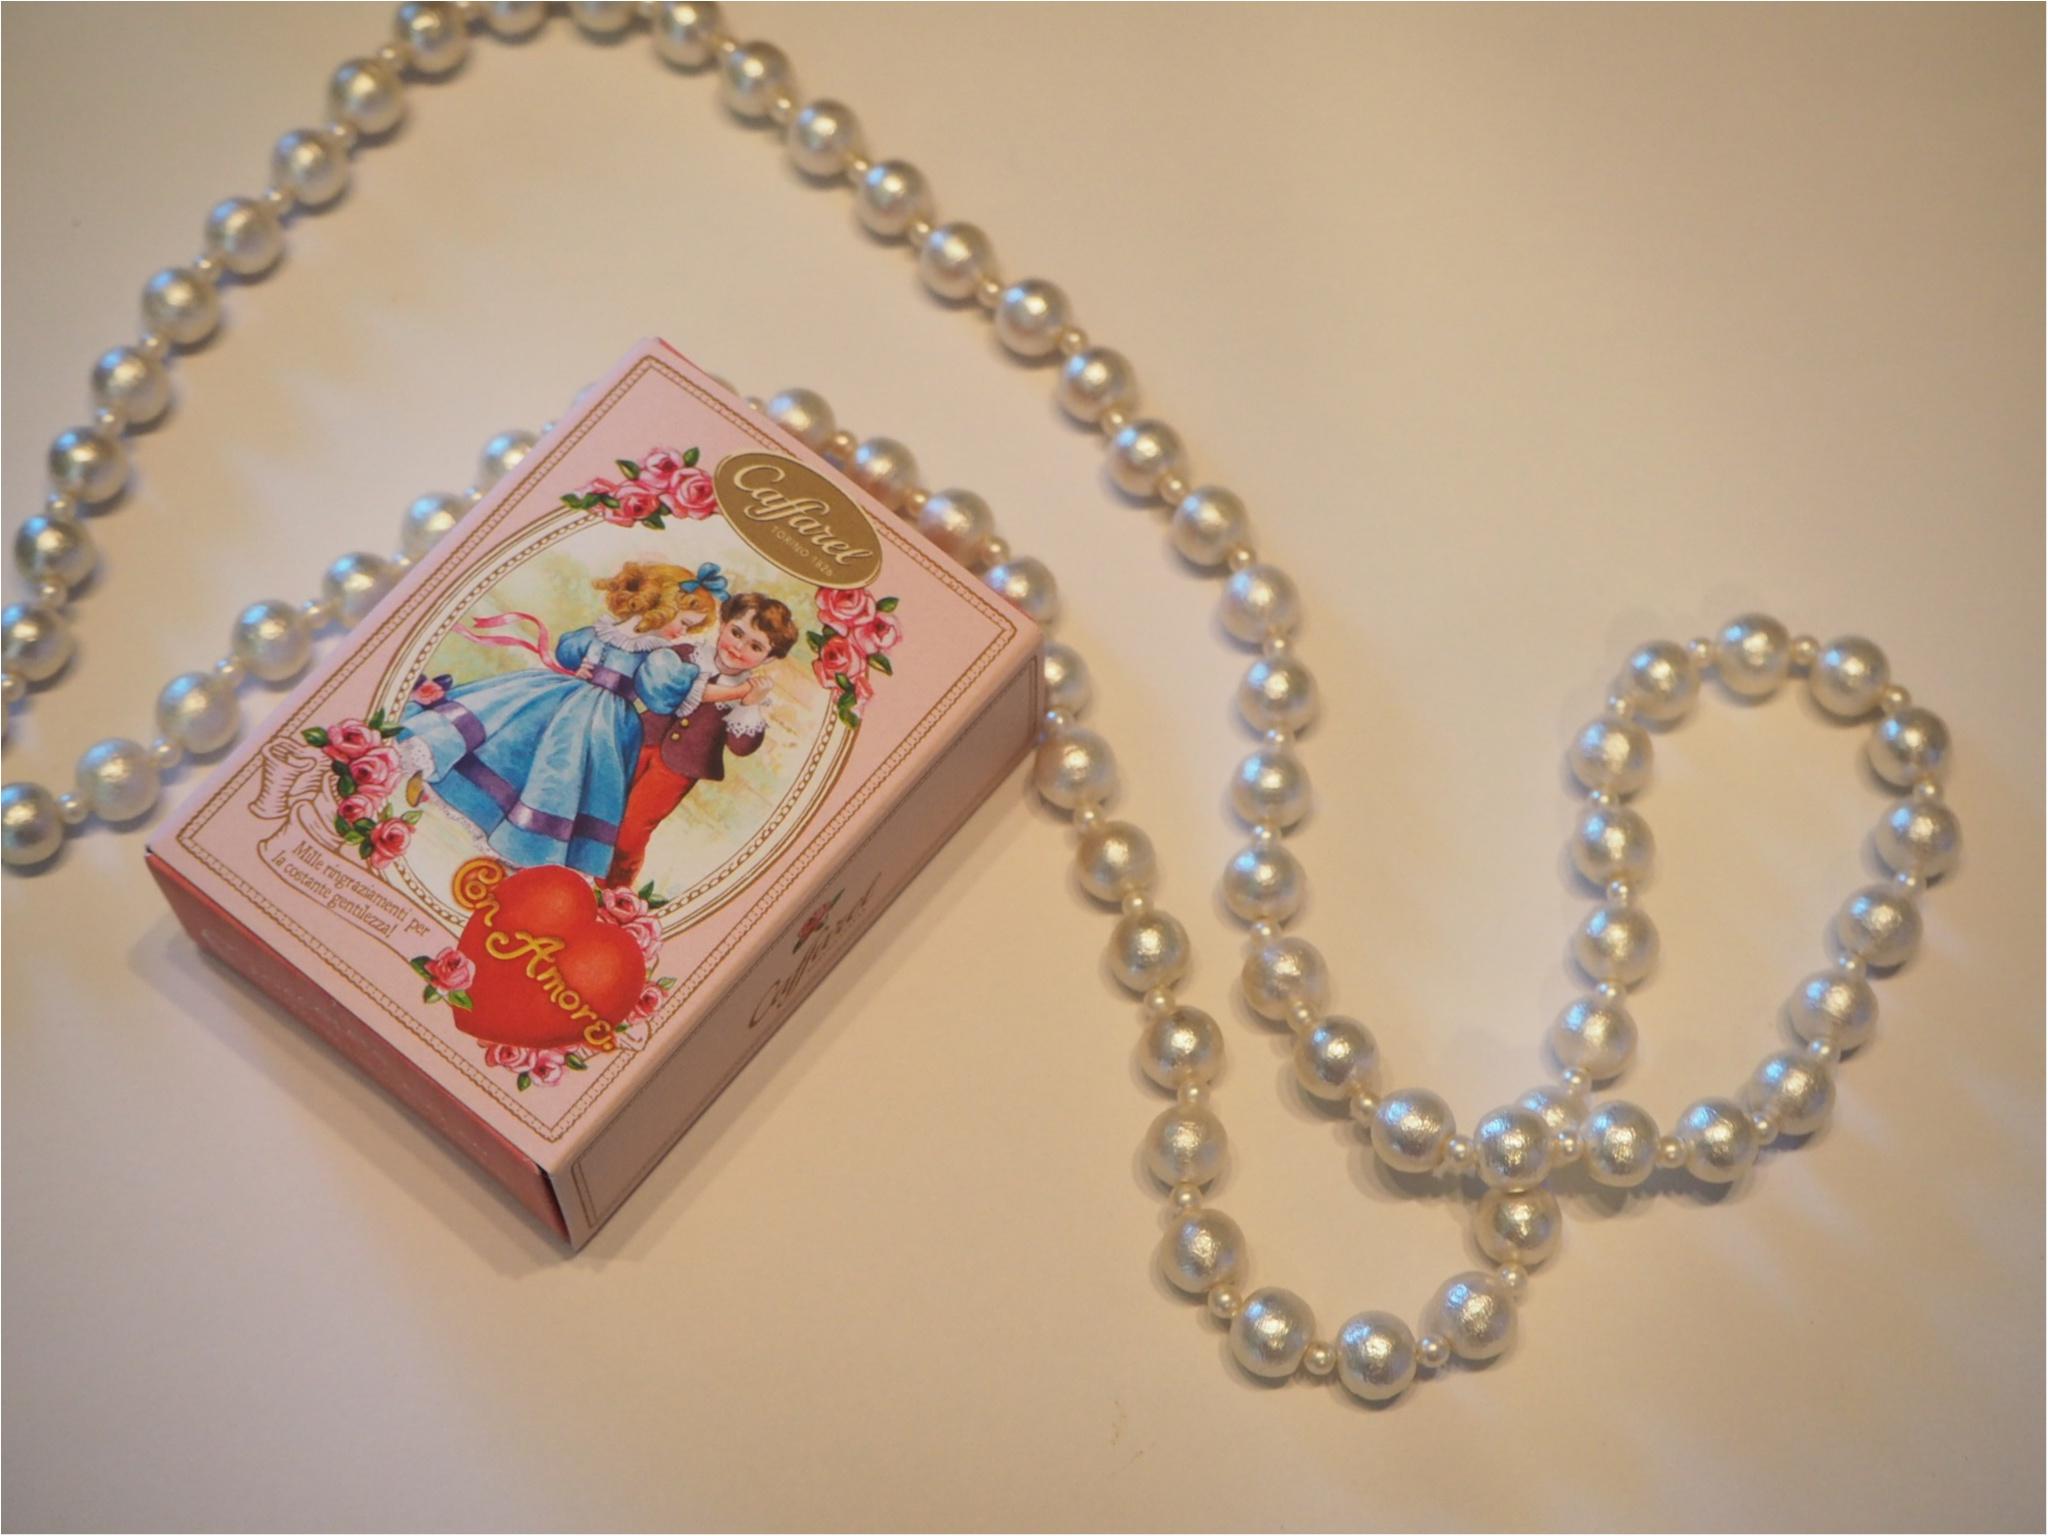 【バレンタインデー直前】今欲しいのは500円台で買えるお手軽ご褒美チョコ!_5